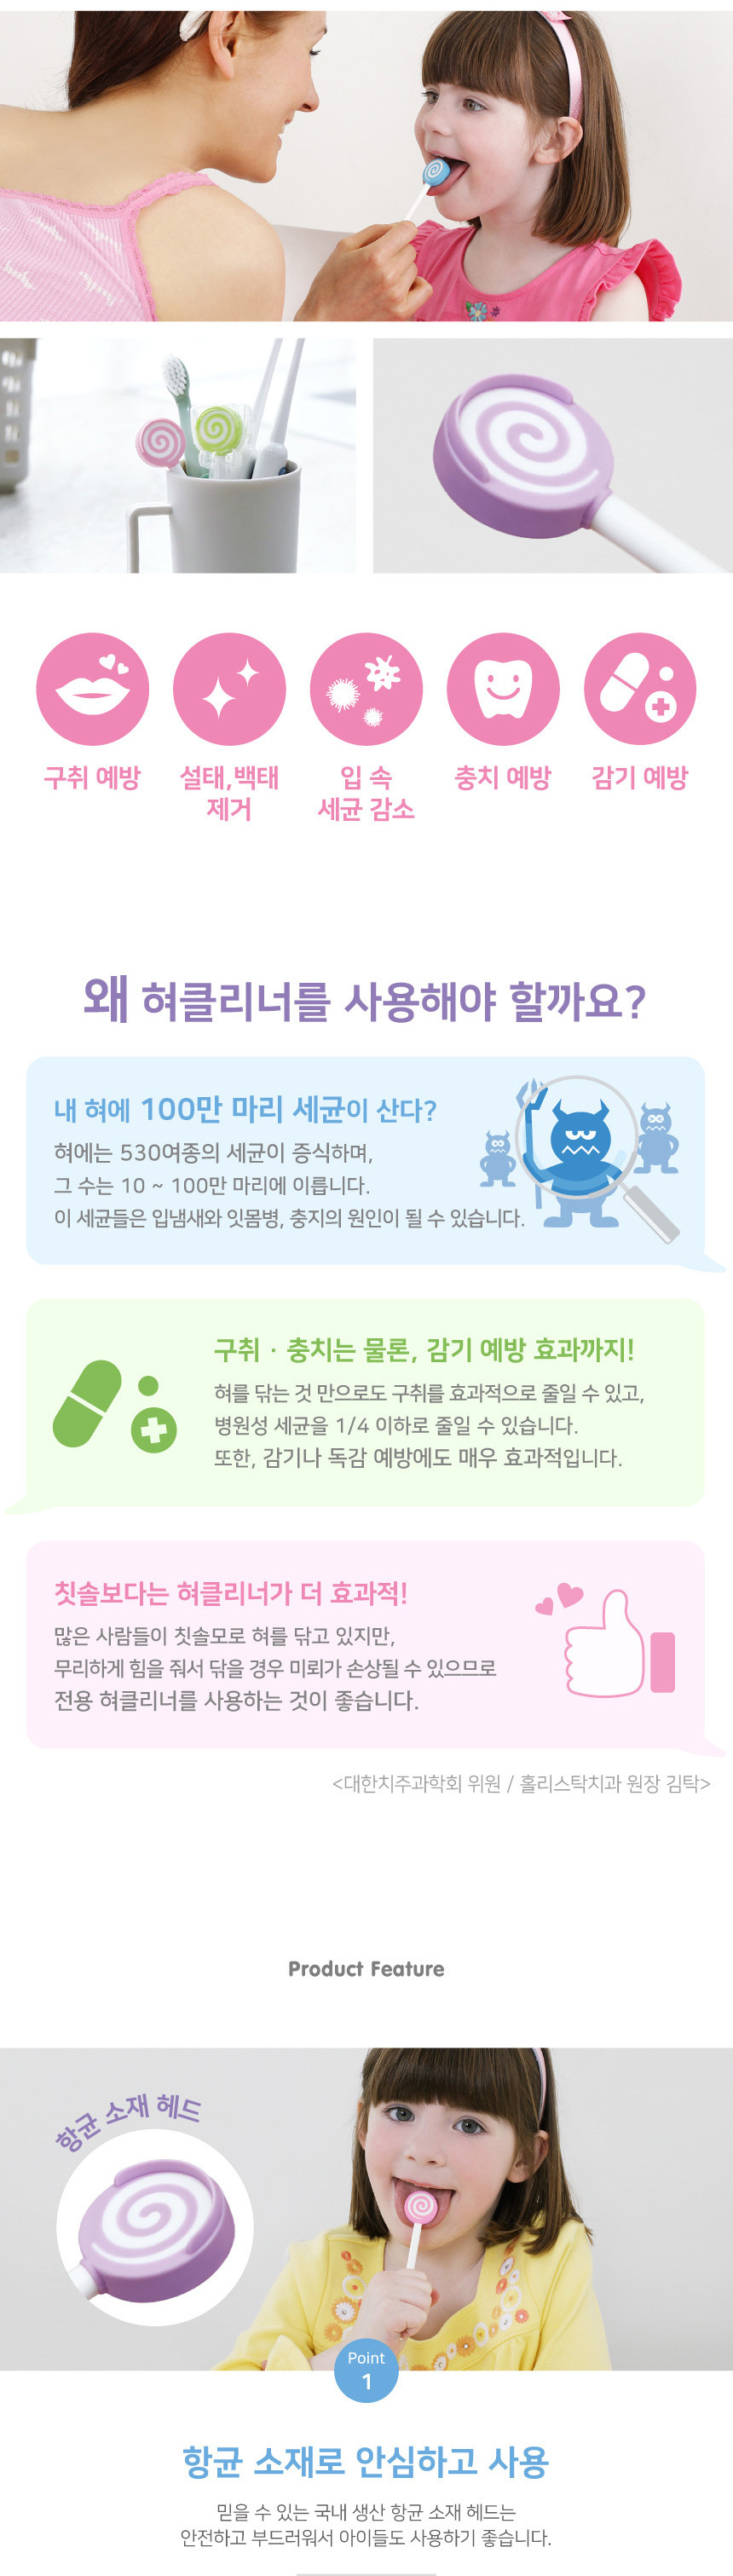 에디슨 유아 혀클리너 2개세트 - 베이비피아, 5,250원, 목욕용품, 칫솔/치약